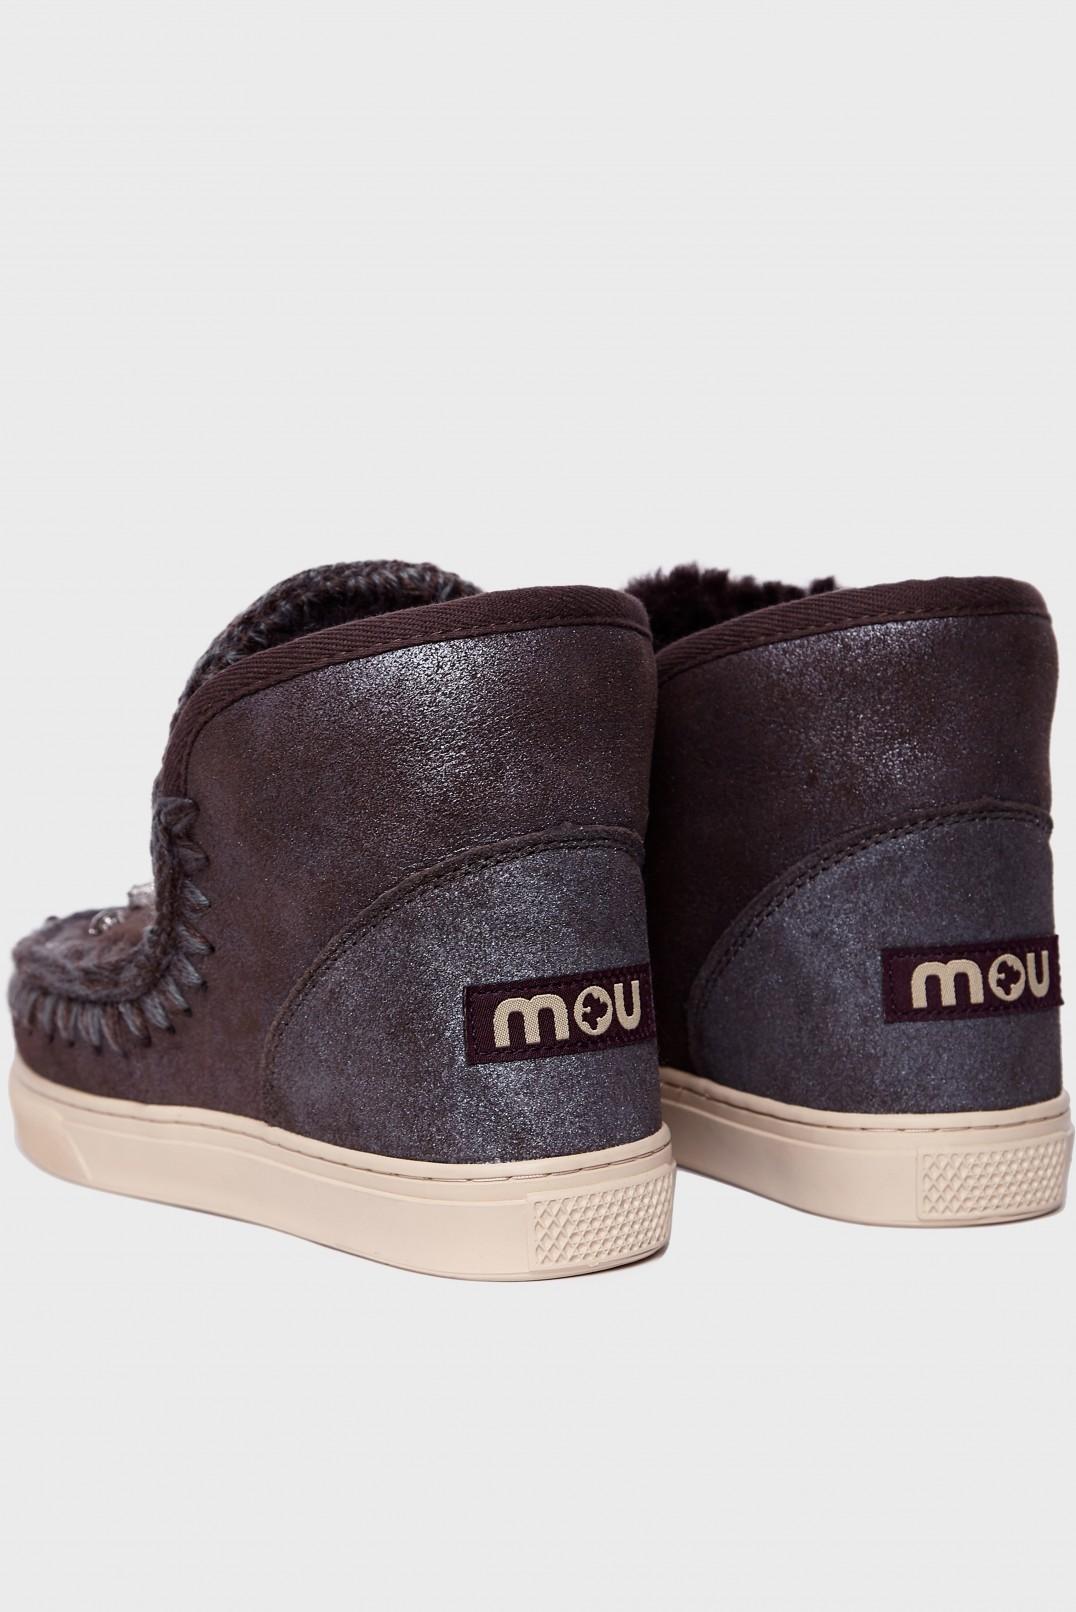 Ботинки в стразах MOU MOU28005